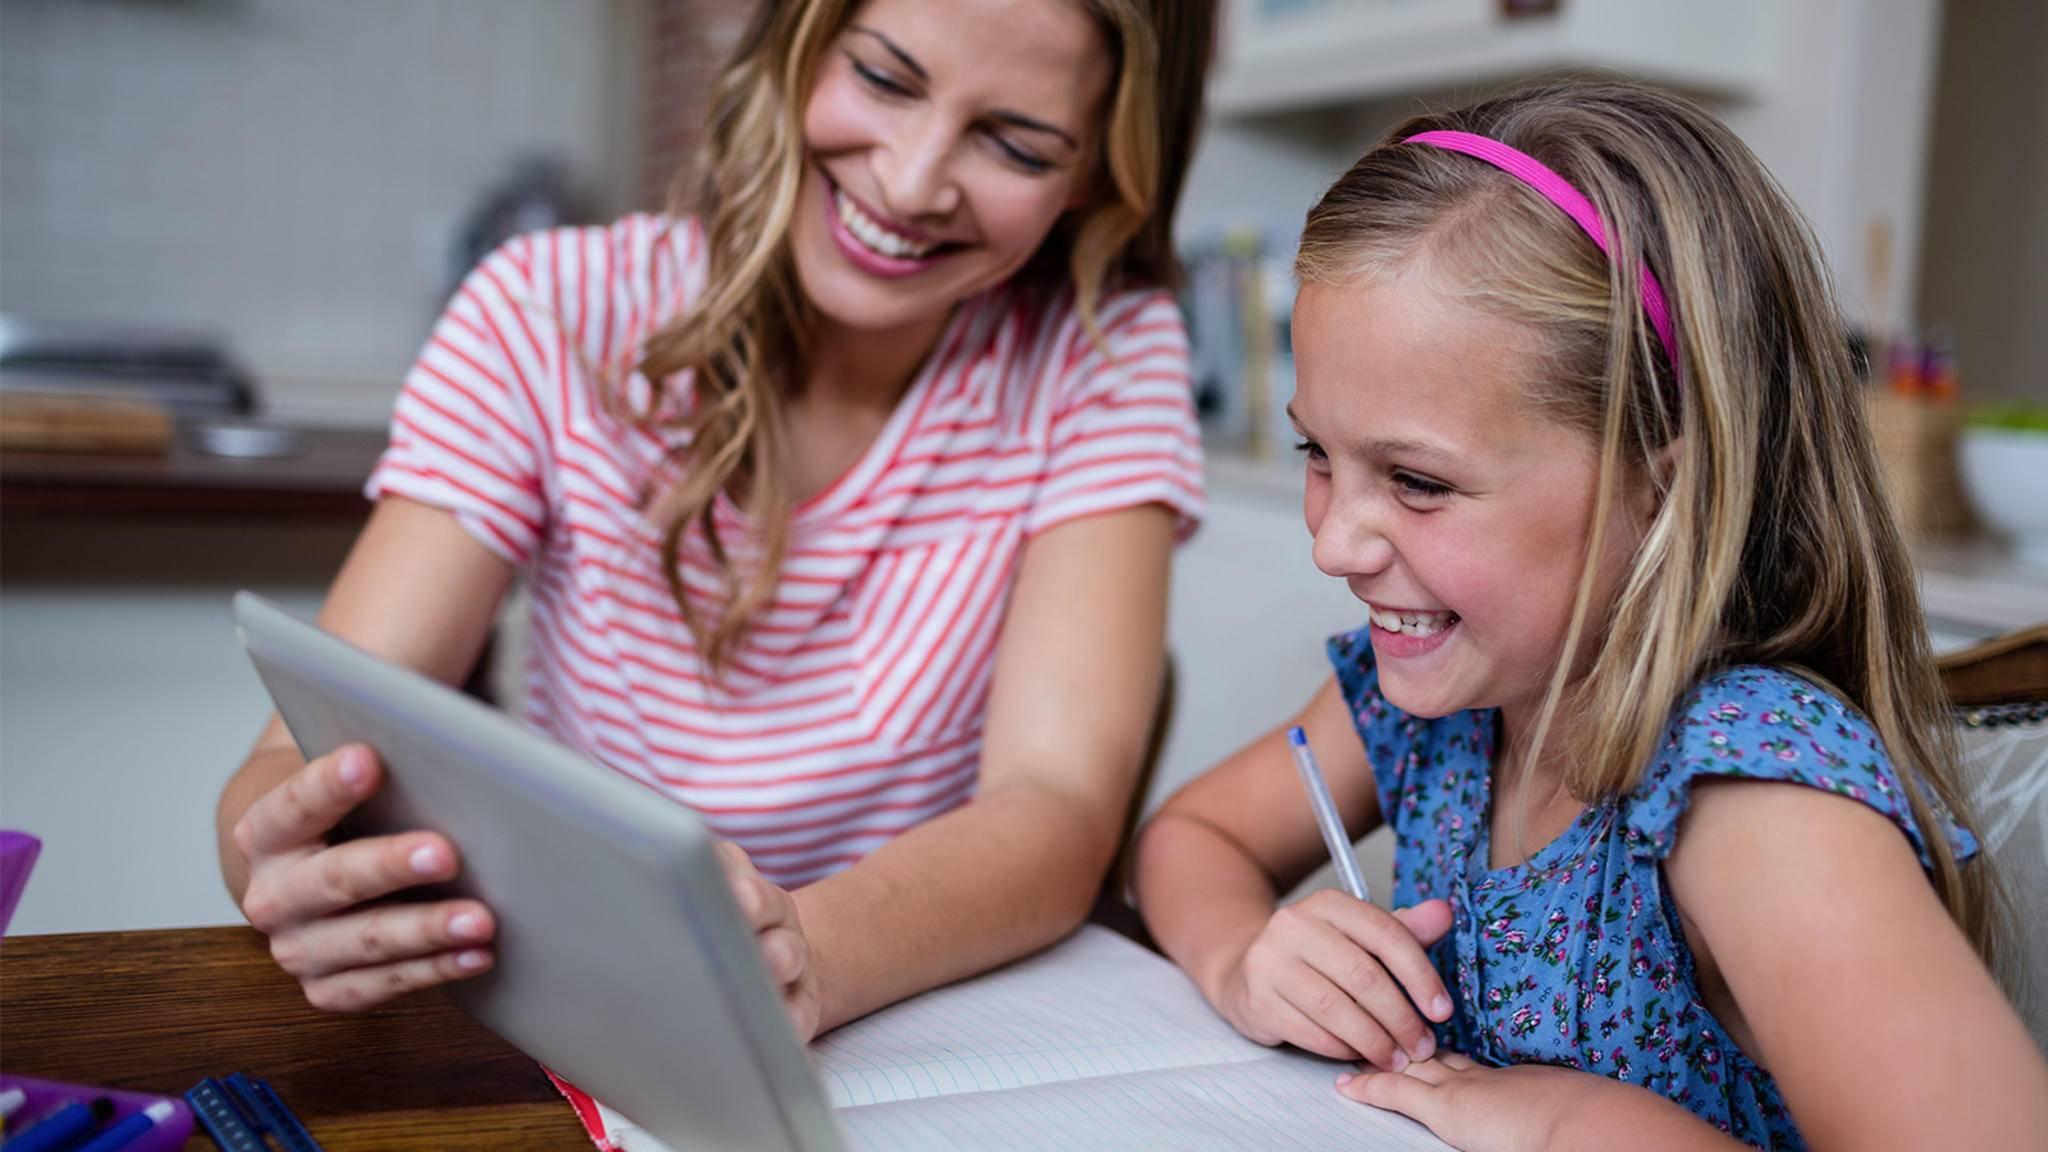 Mutter und Tochter lernen mit Tablet